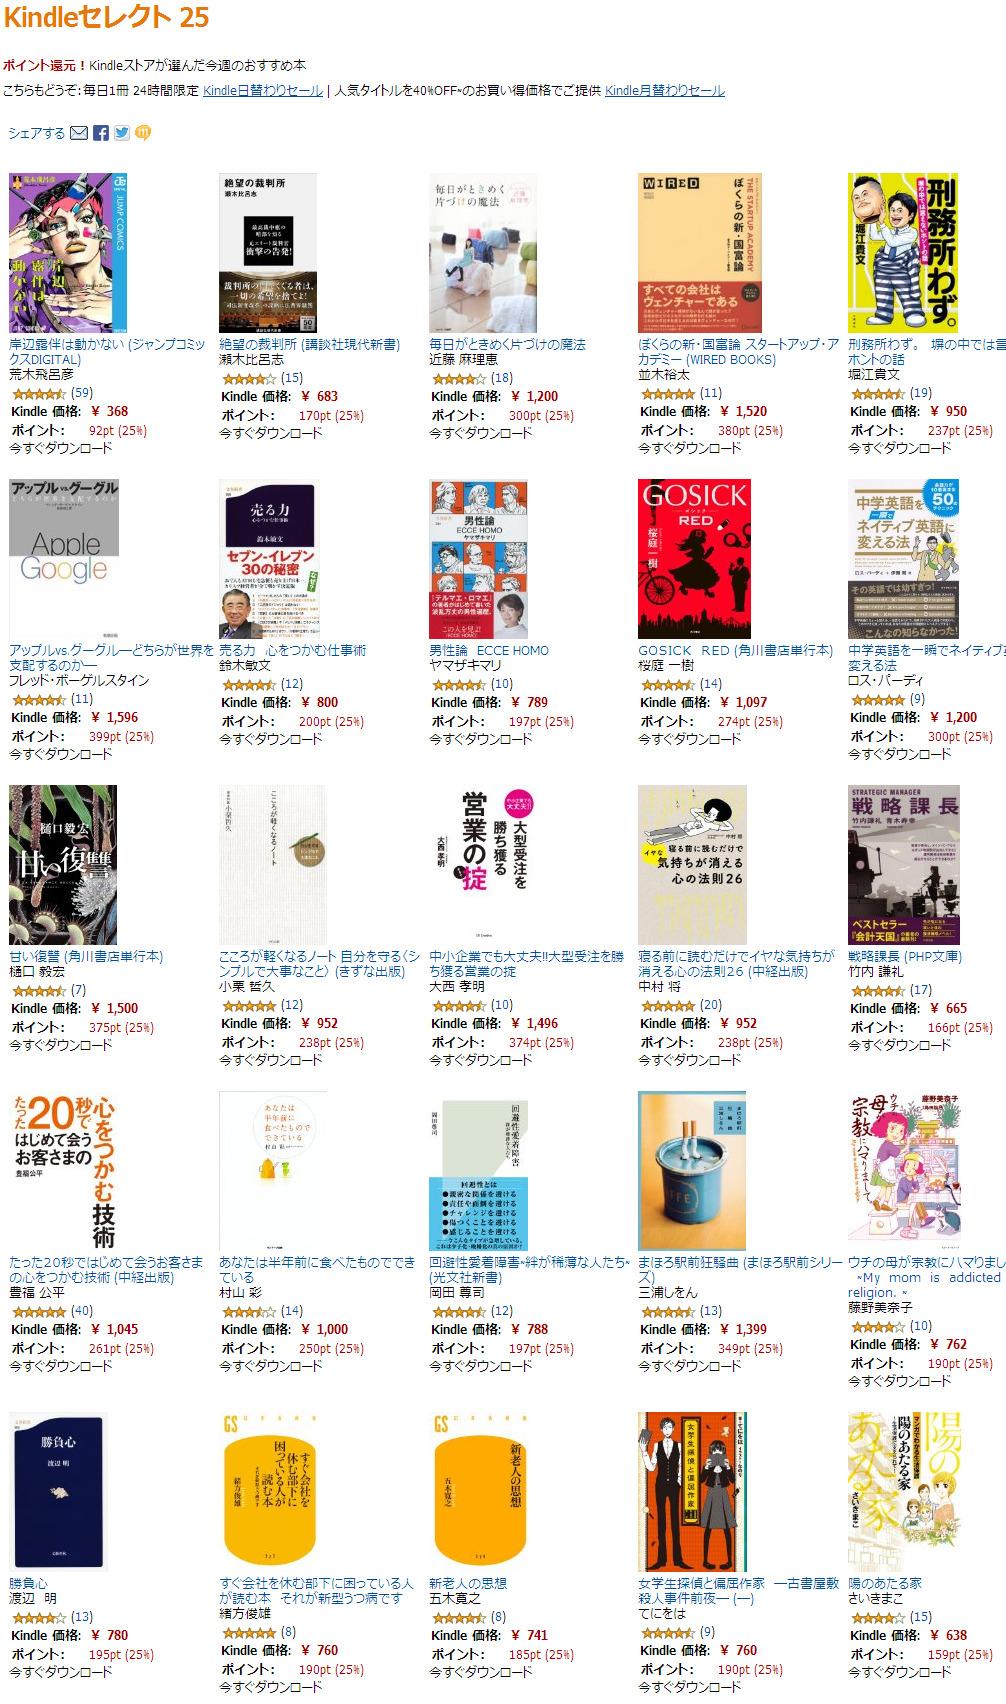 Amazon.co.jp  Kindleストア  Kindleセレクト25.jpg